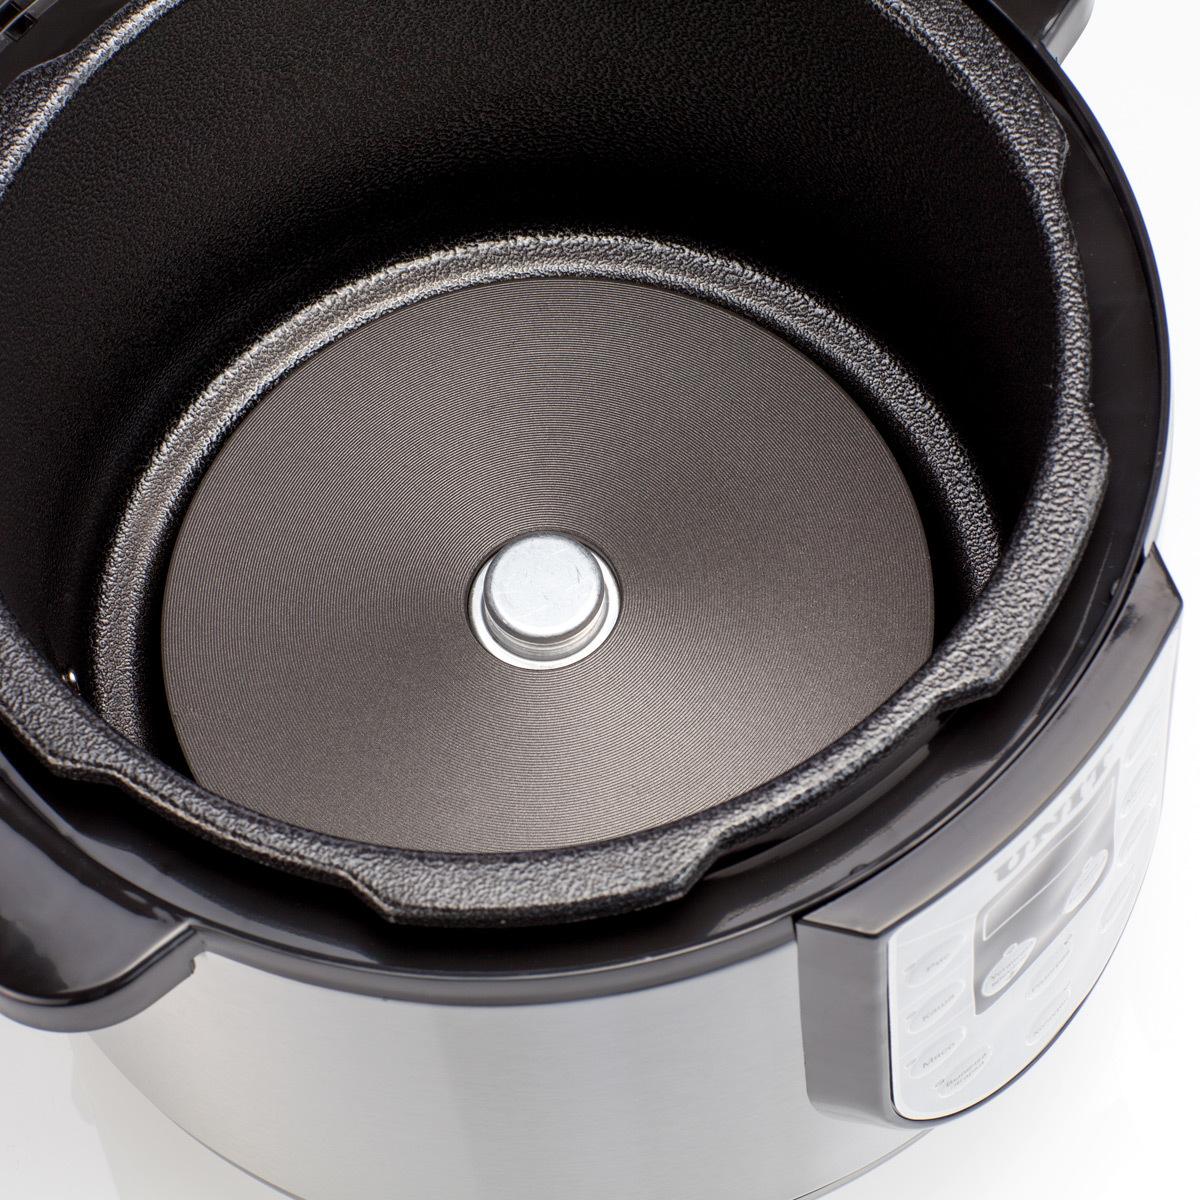 Мультиварка Скороварка с давлением с керамической чашей на 6 литров мощность 1.100 Ватт Unit USP-1095 D отзывы